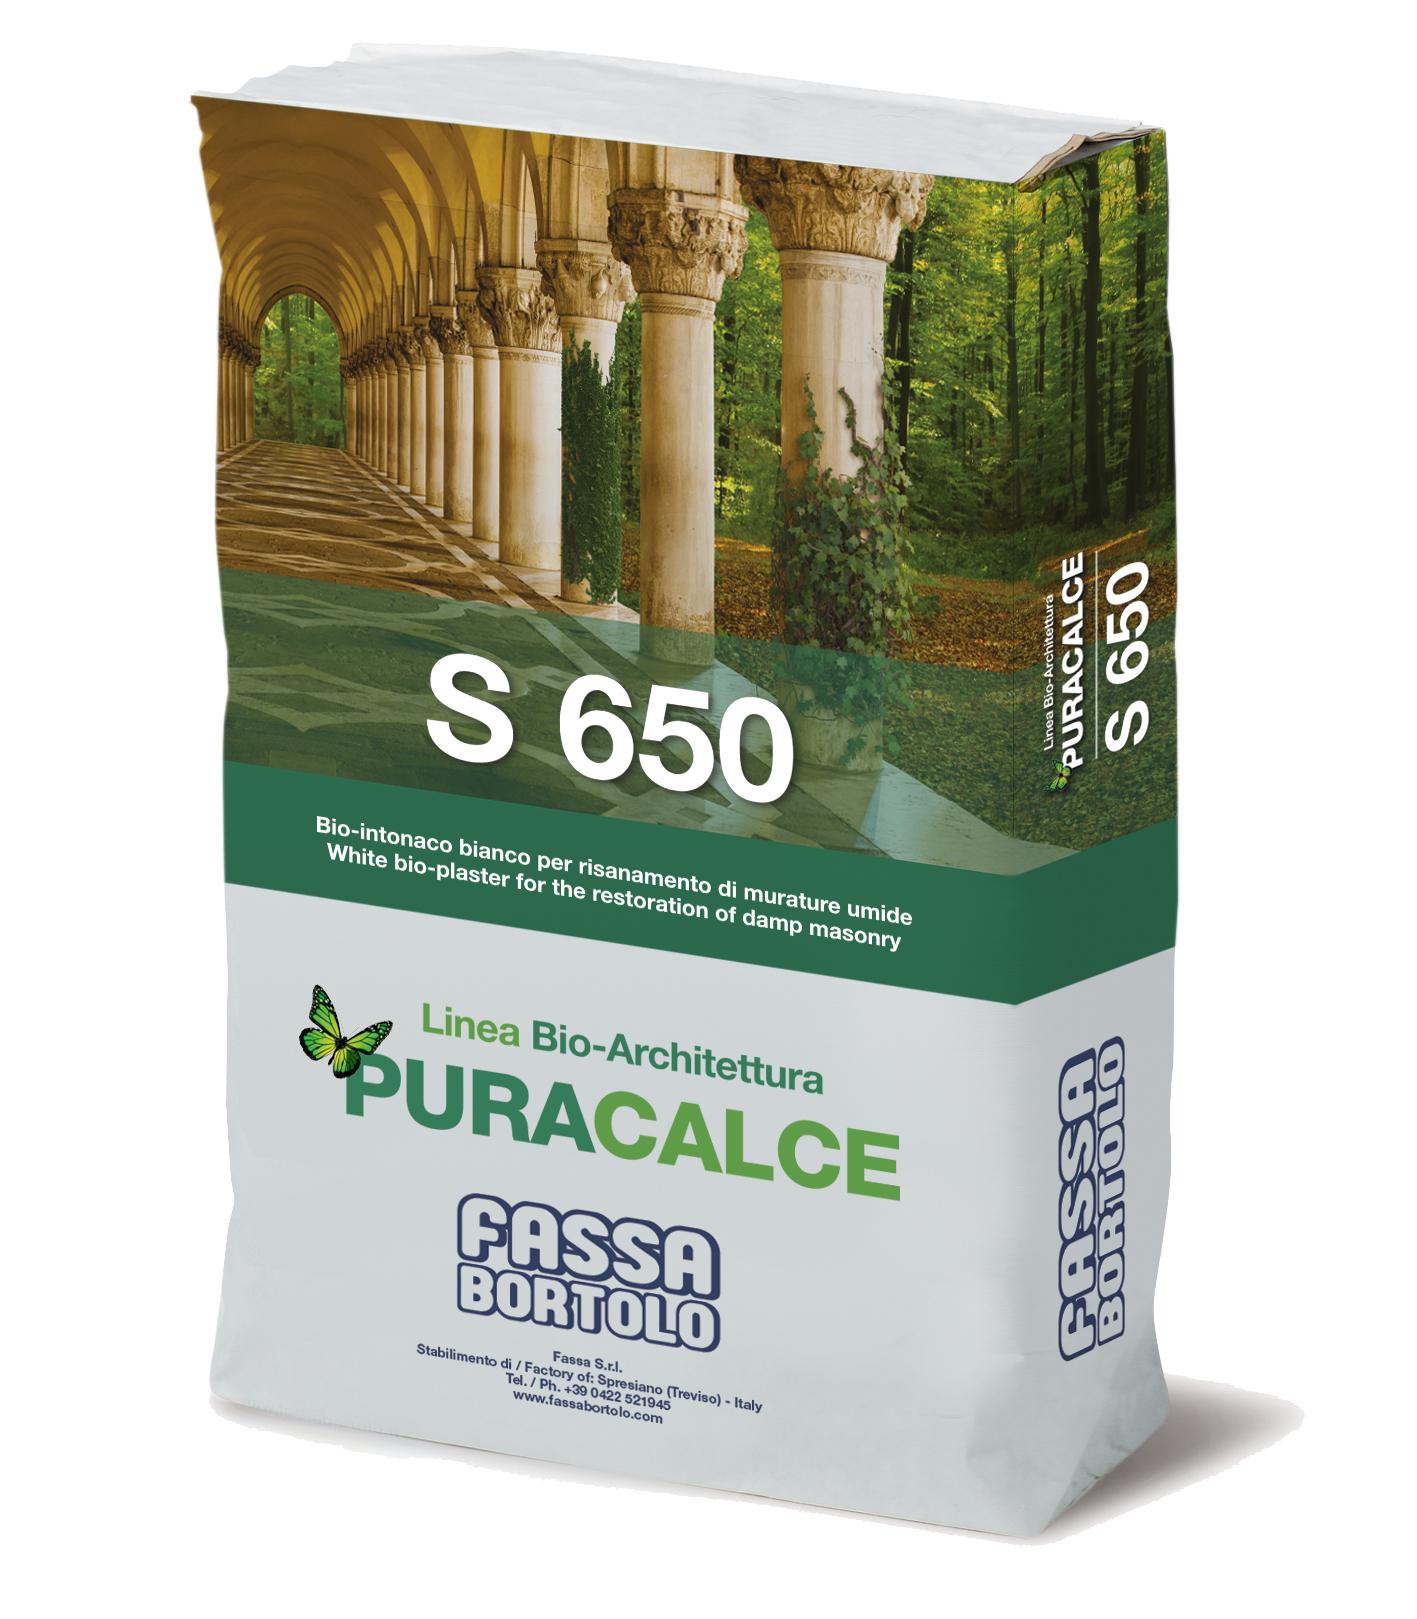 S 650: Gobetis d'accrochage naturel blanc pour l'assainissement des maçonneries humides, pour l'intérieur et l'extérieur